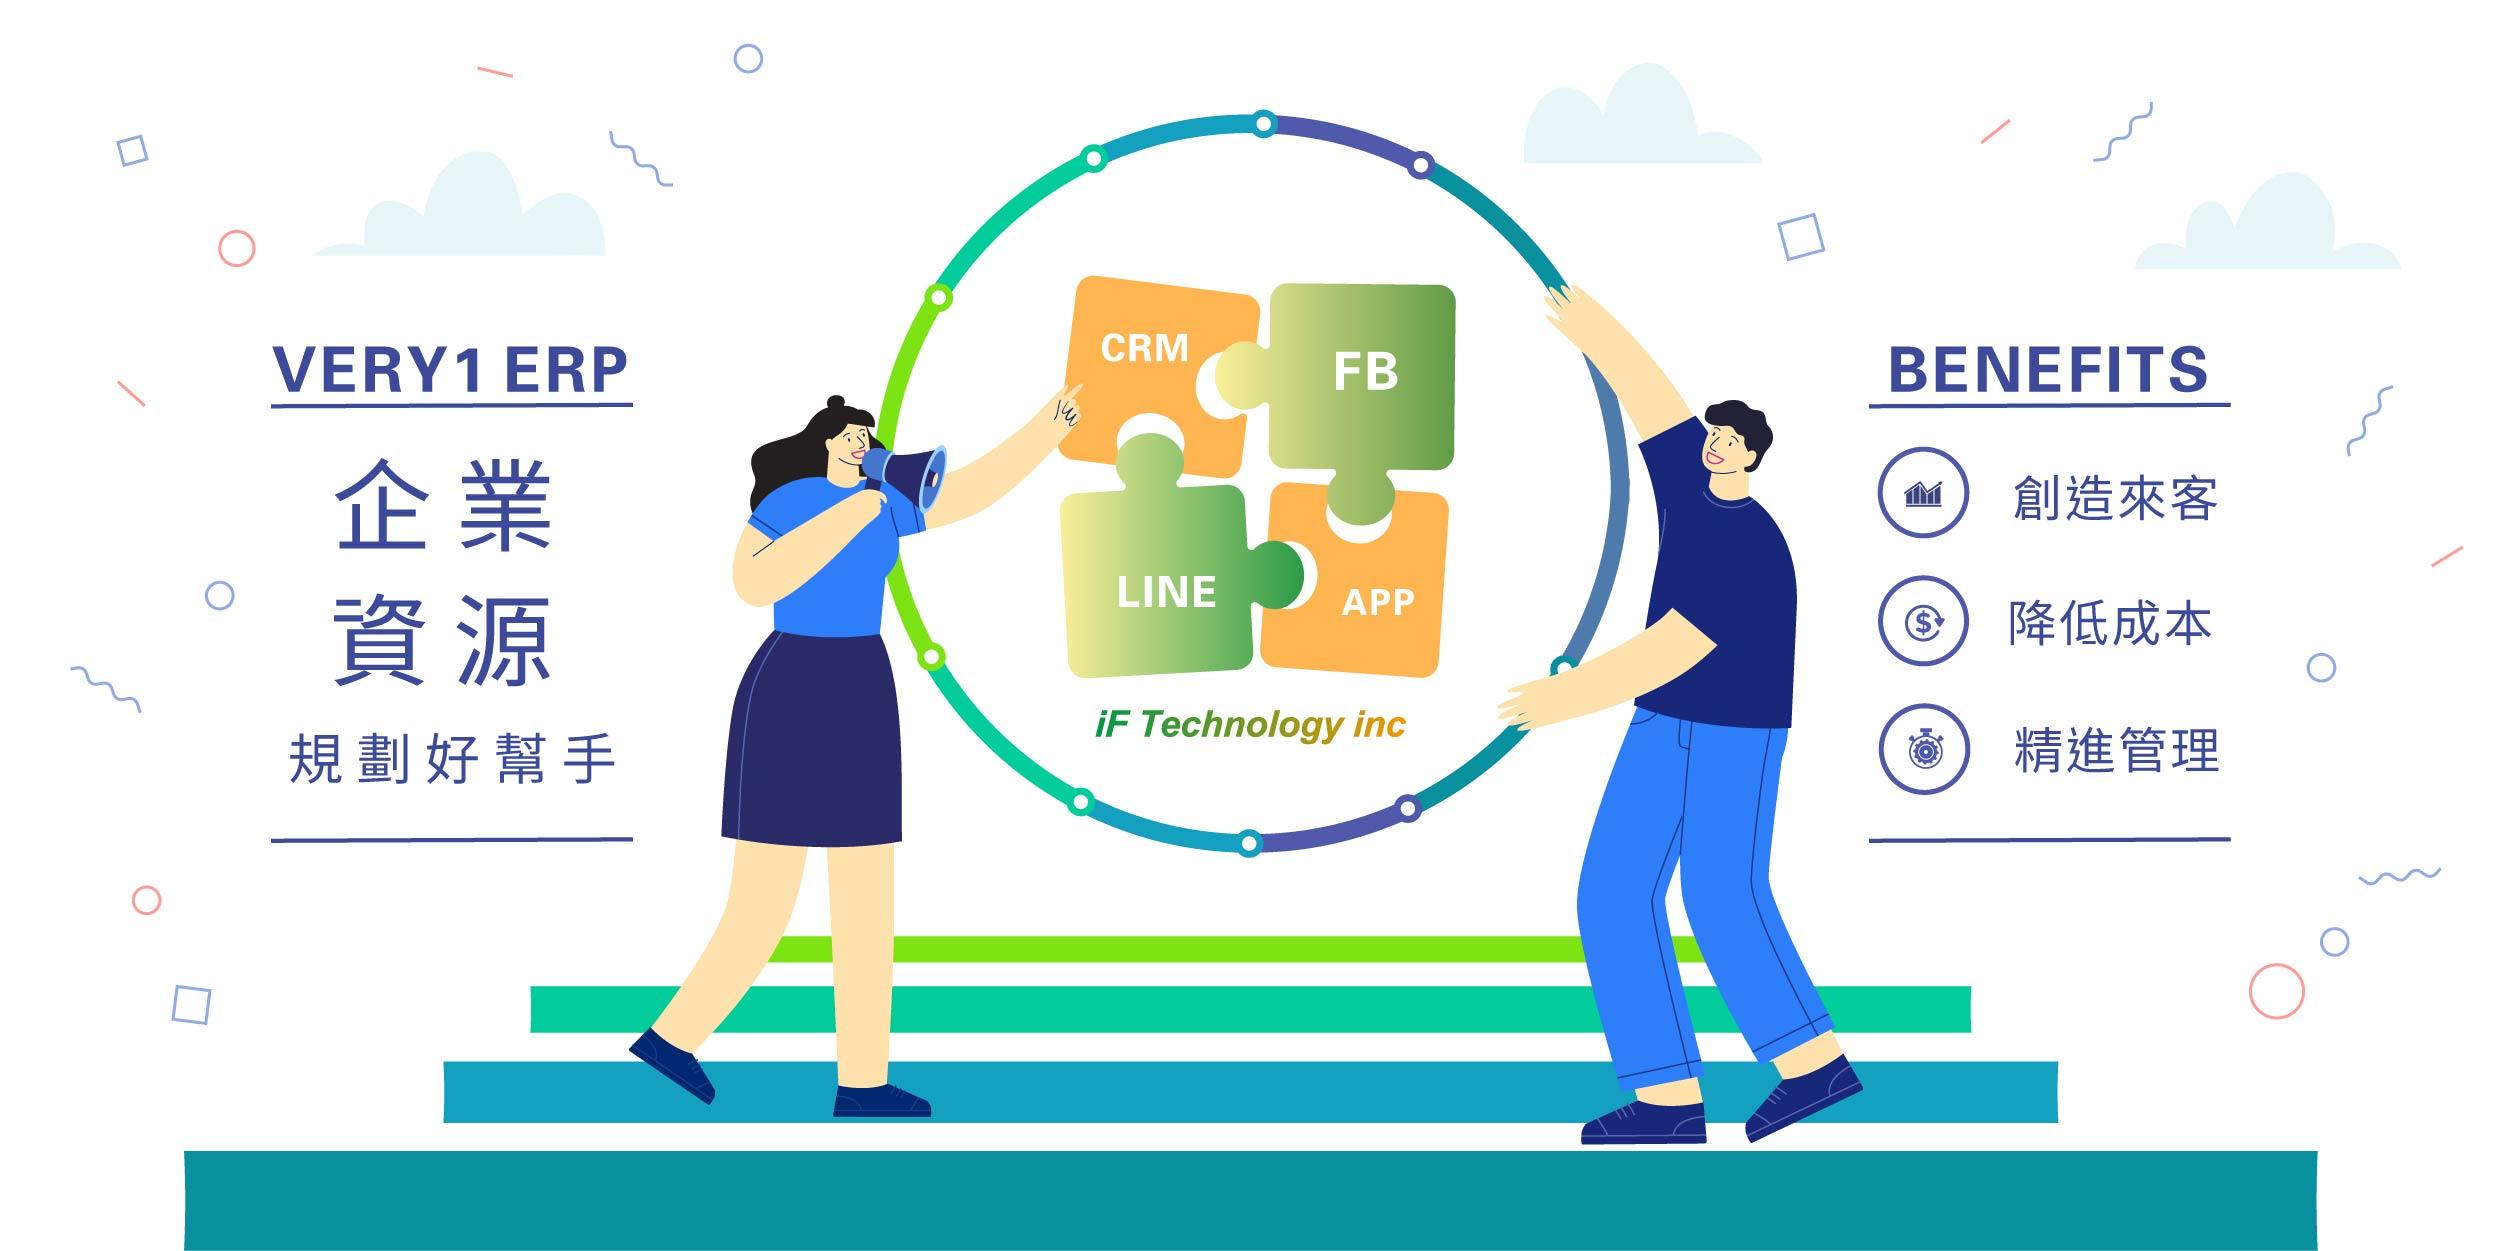 企業資源規劃,ERP,CRM,Line官方帳號,APP開發,erp系統,客戶關係管理,erp推薦